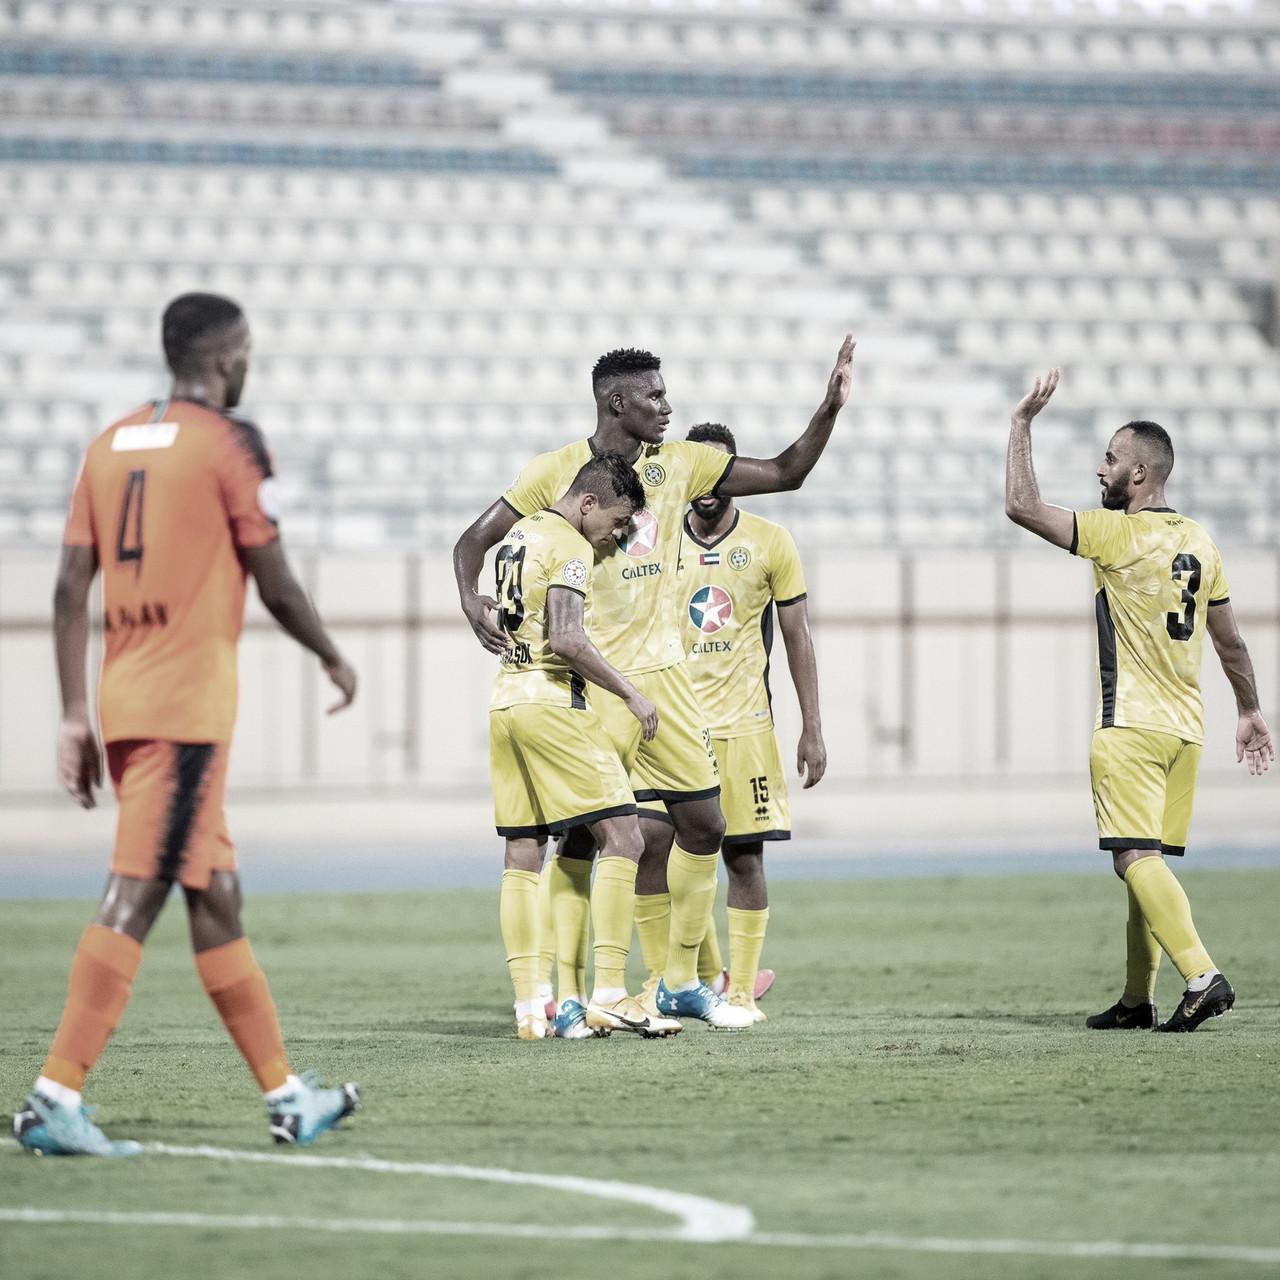 Wanderson acredita em boa temporada do Ittihad Kalba nos Emirados Árabes Unidos